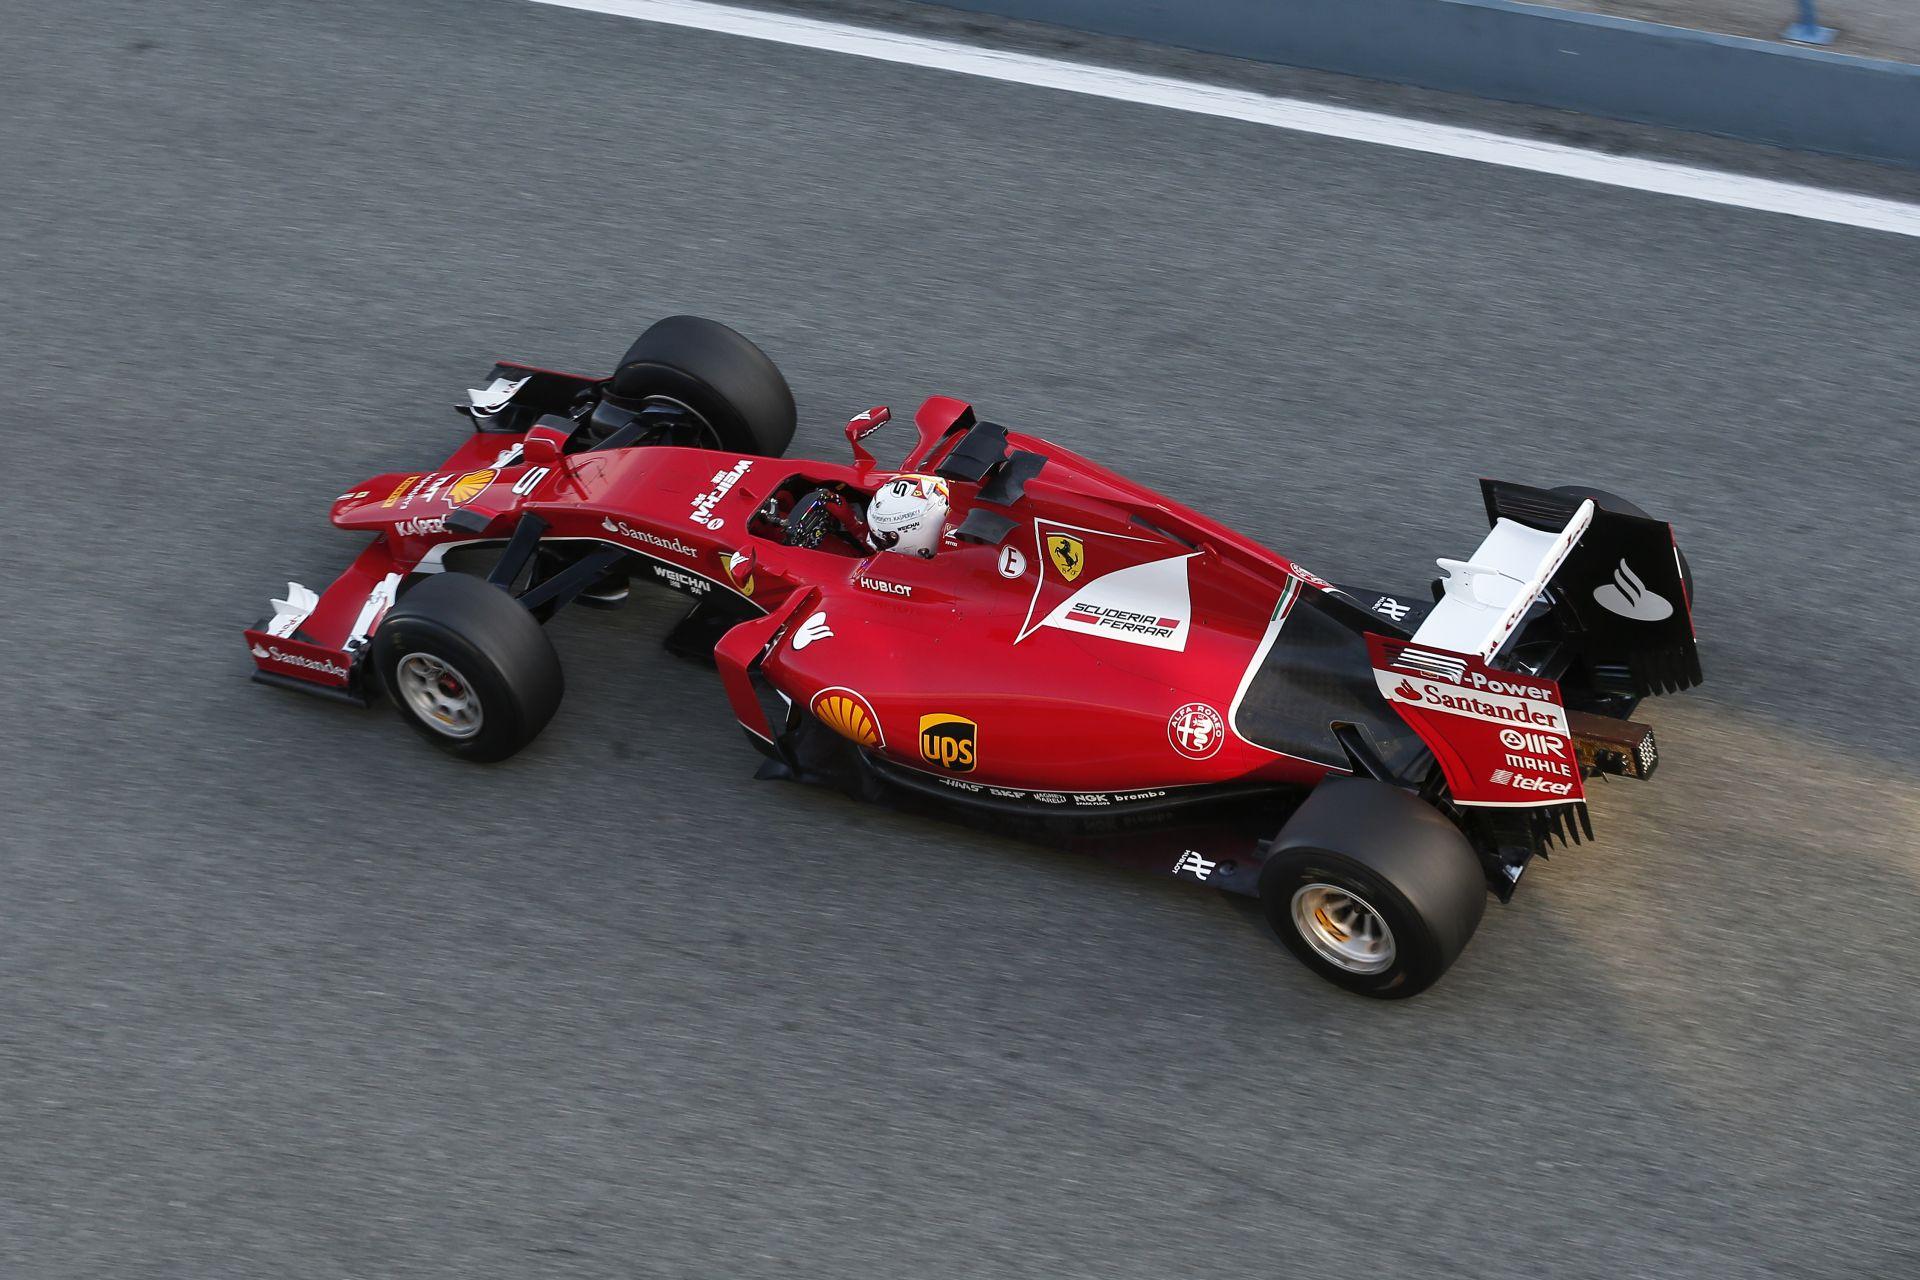 Nagyon jól fogyaszt Vettel és Raikkönen új autója, az SF15-T